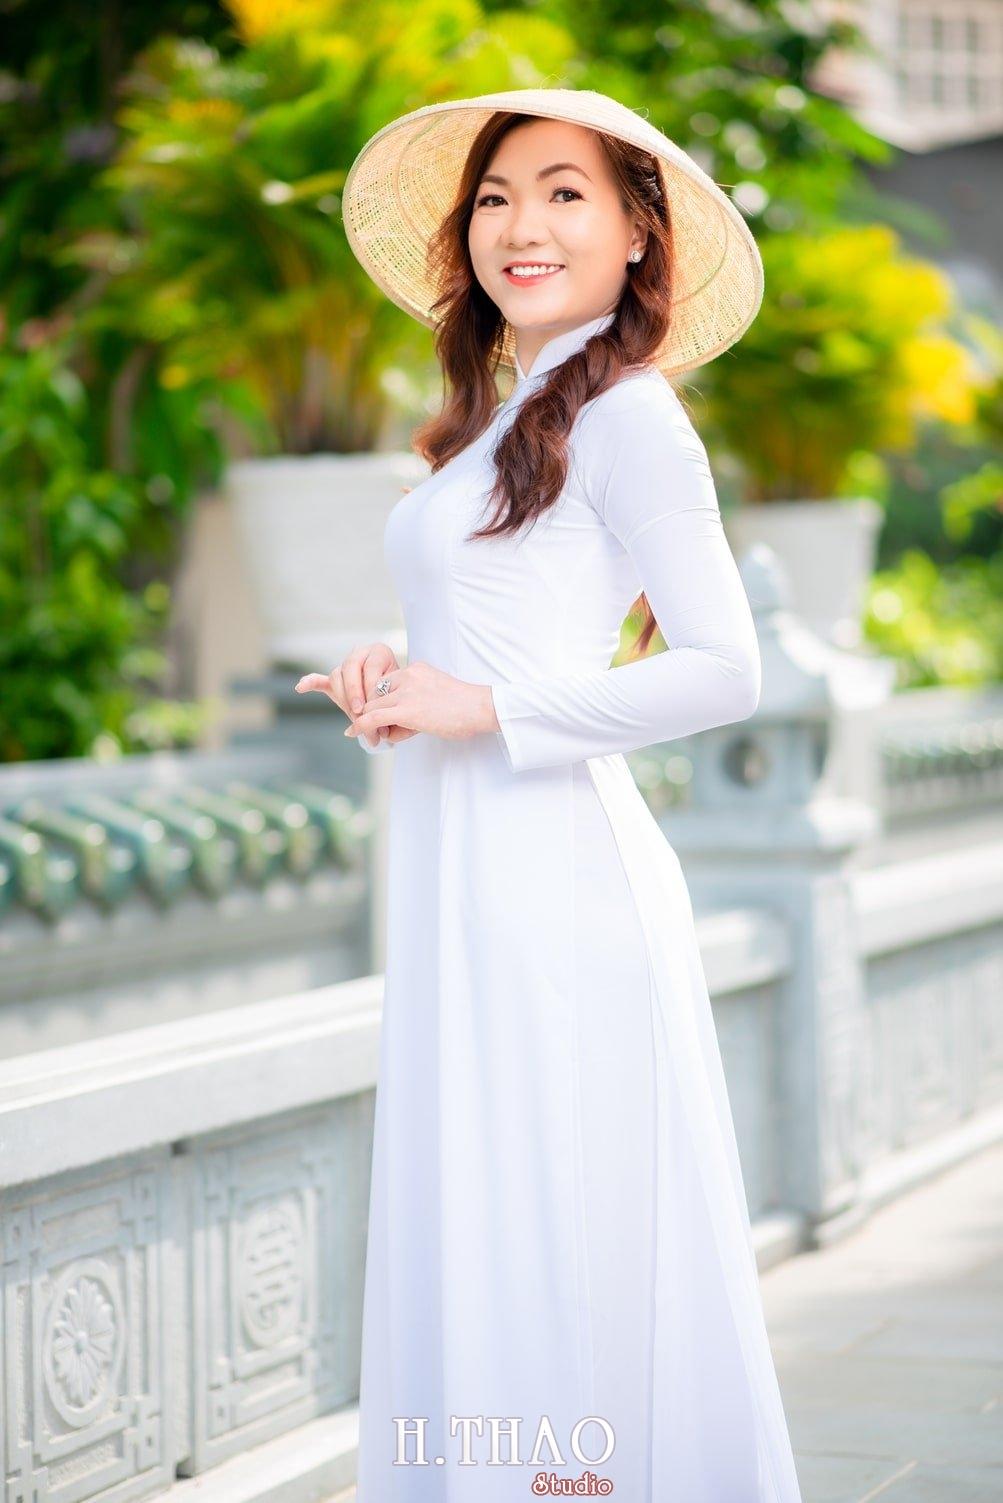 Ao dai 10 - Báo giá chụp ảnh áo dài trọn gói tại Tp.HCM - HThao Studio